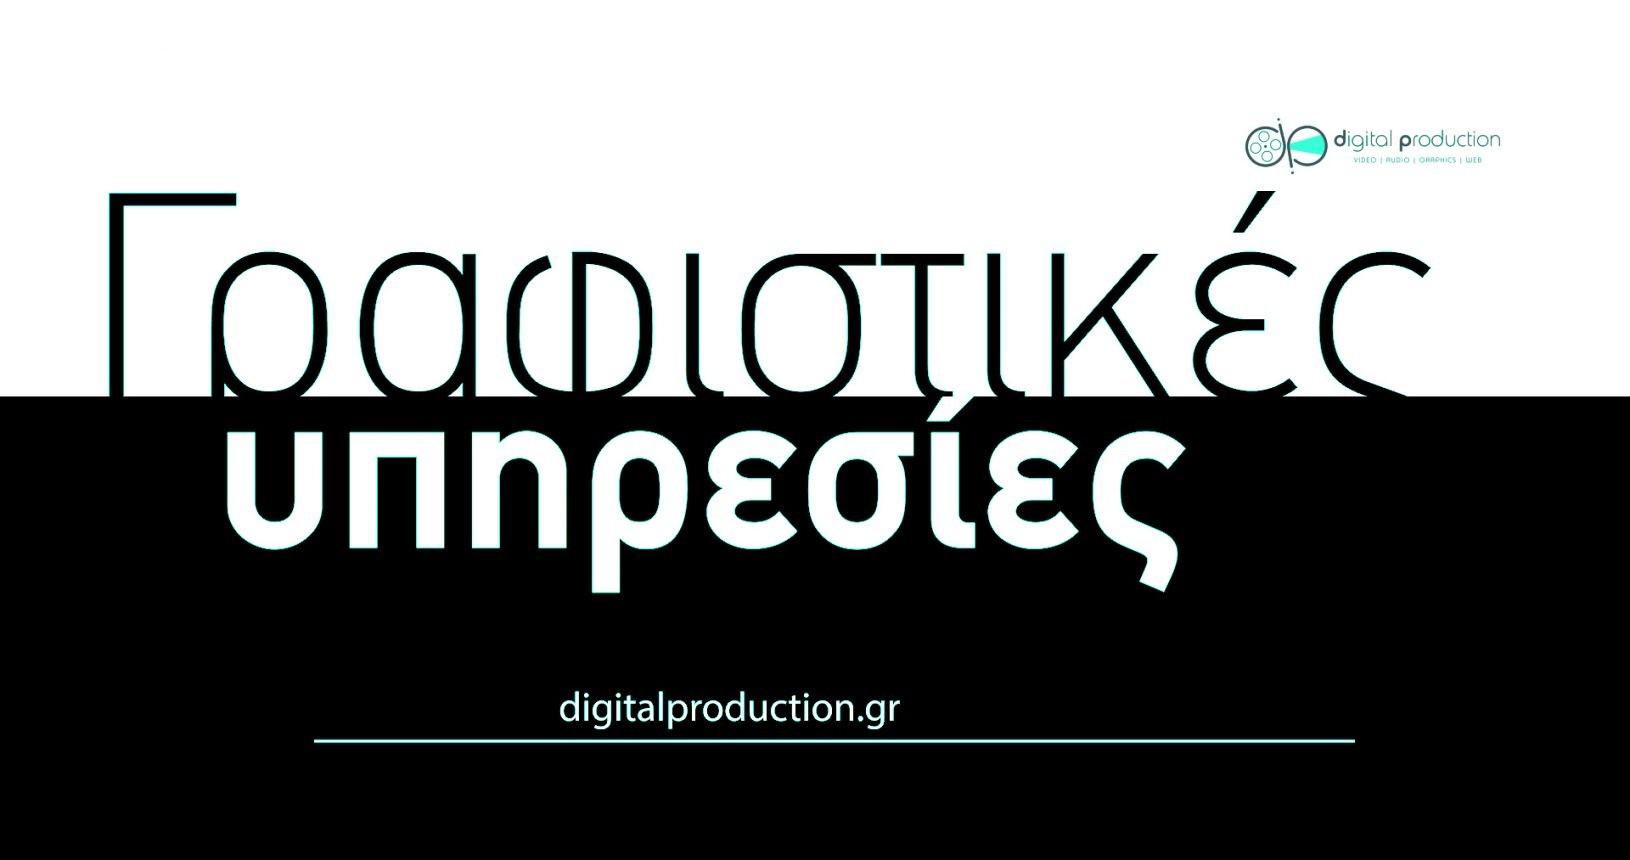 Γραφιστικές υπηρεσίες, δημιουργία λογότυπου και εντύπων | Digital Production